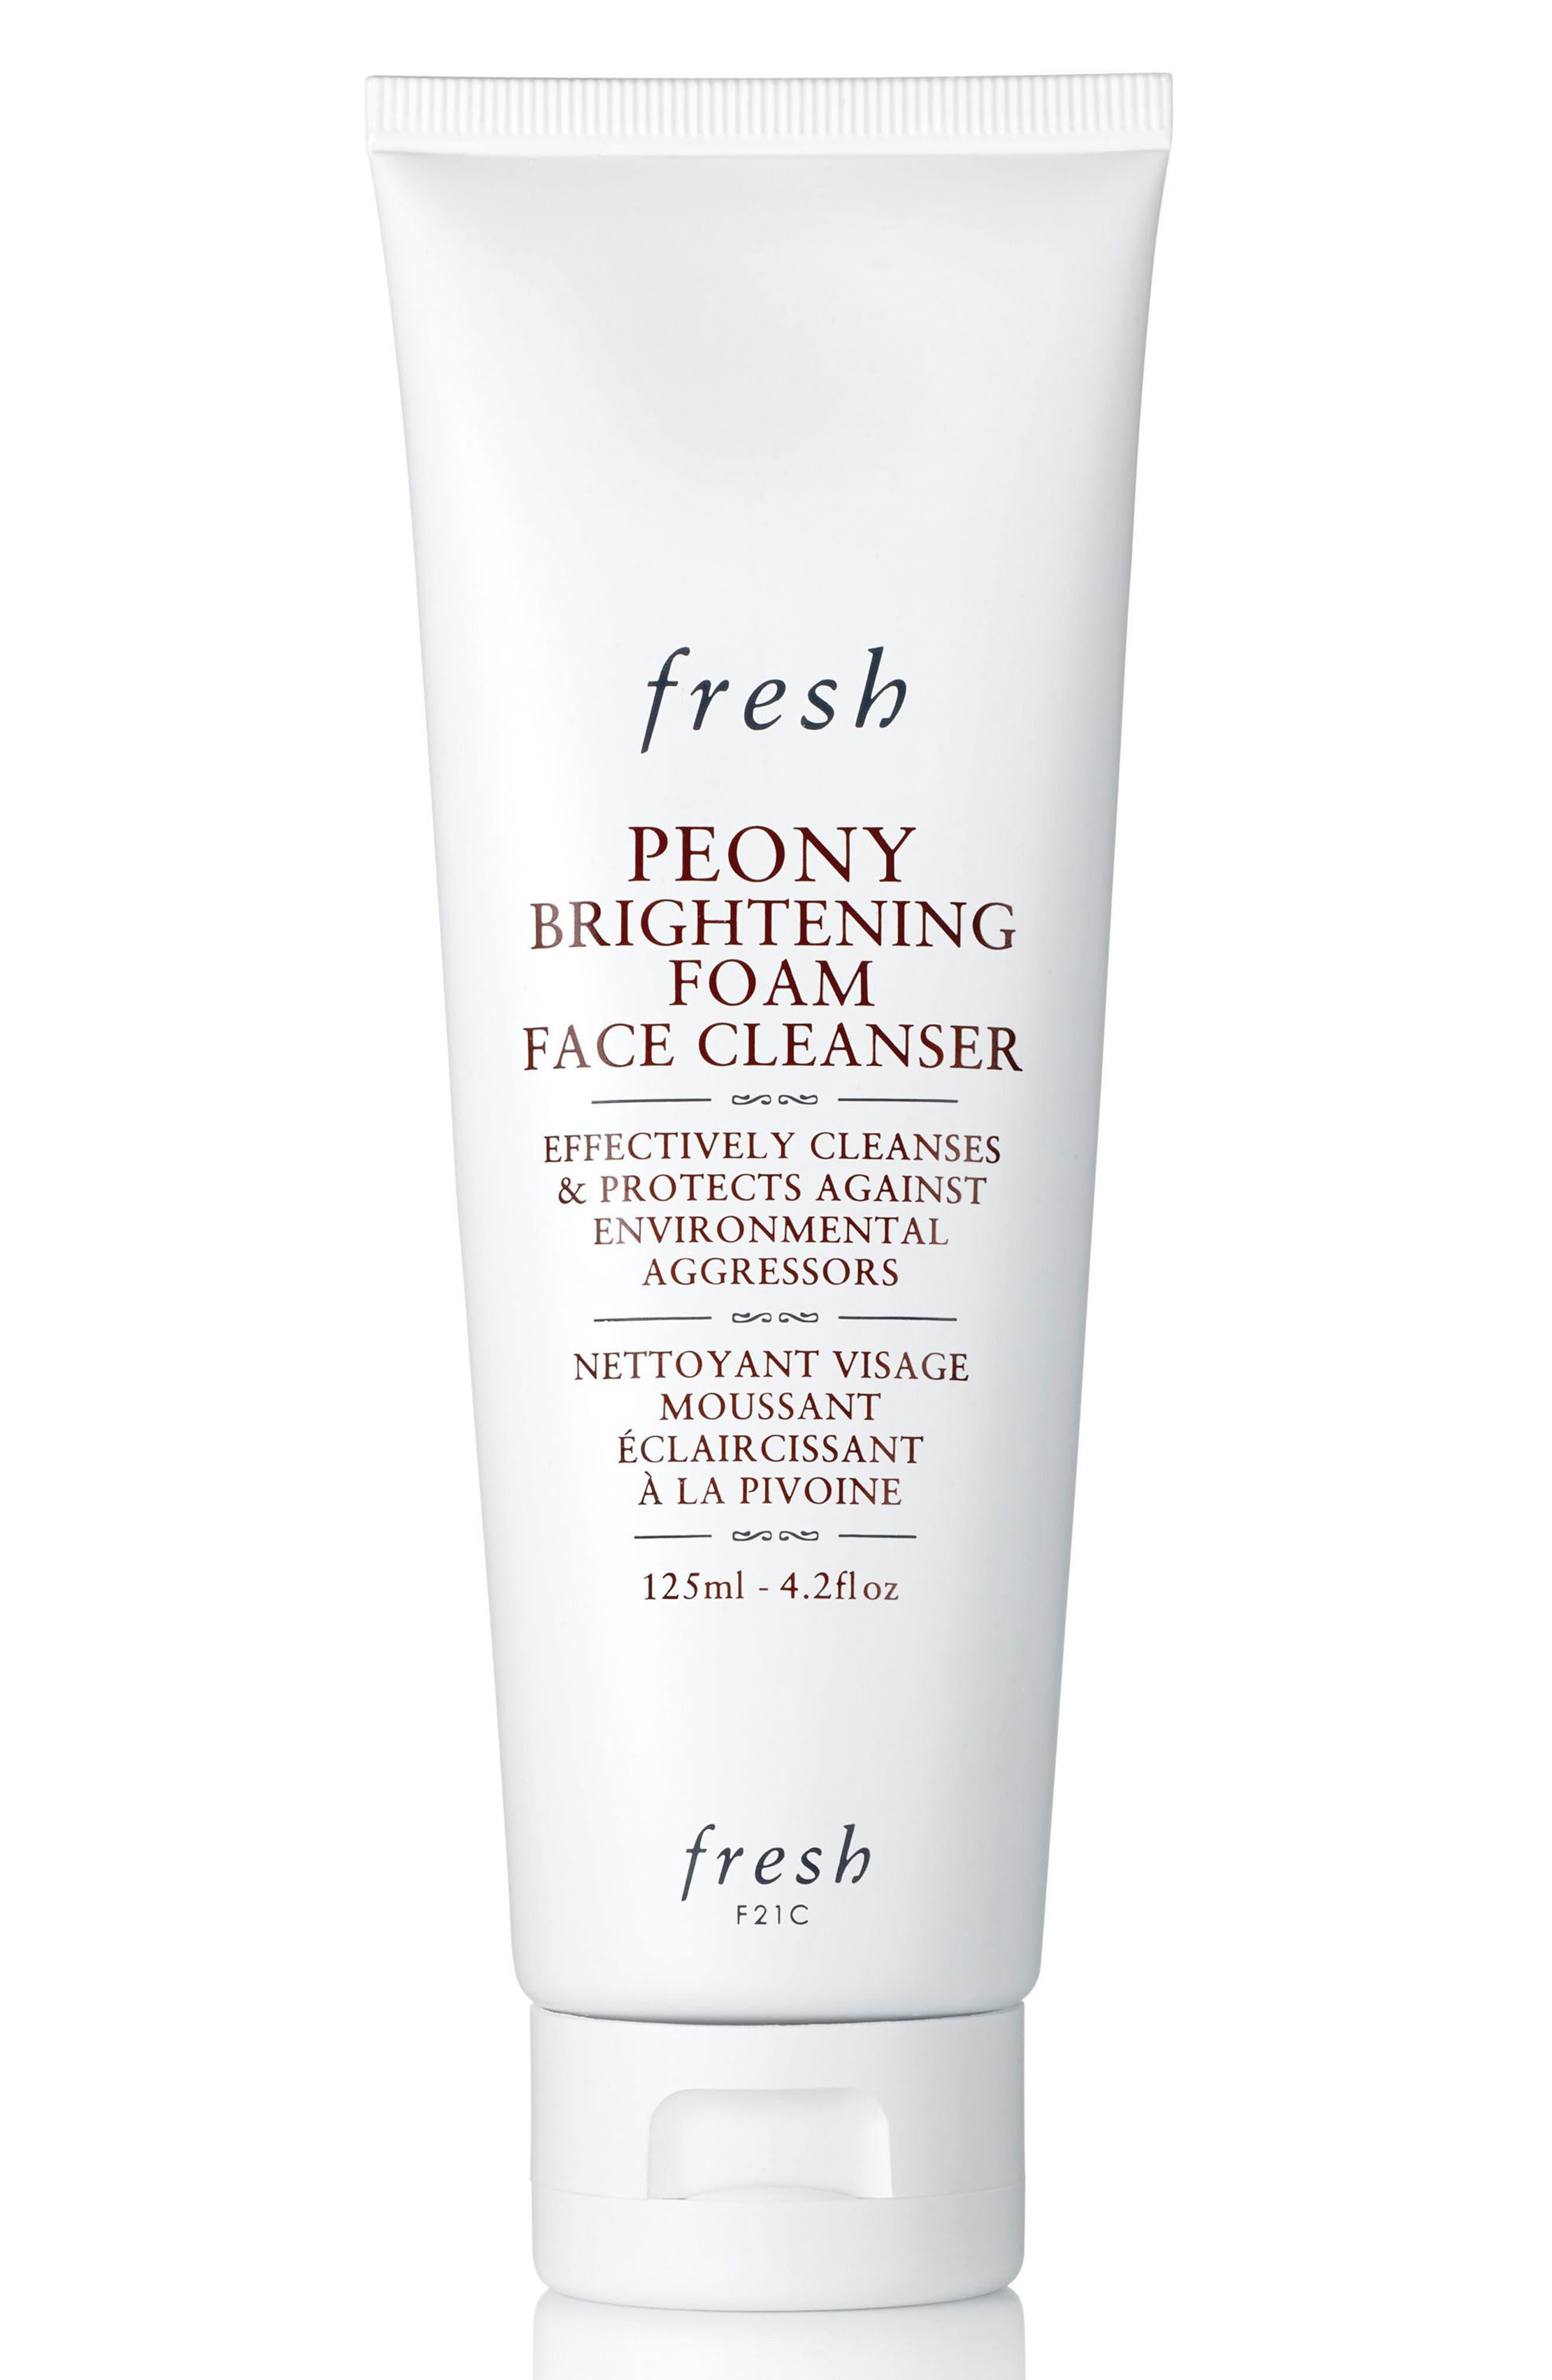 Fresh facial cleanser